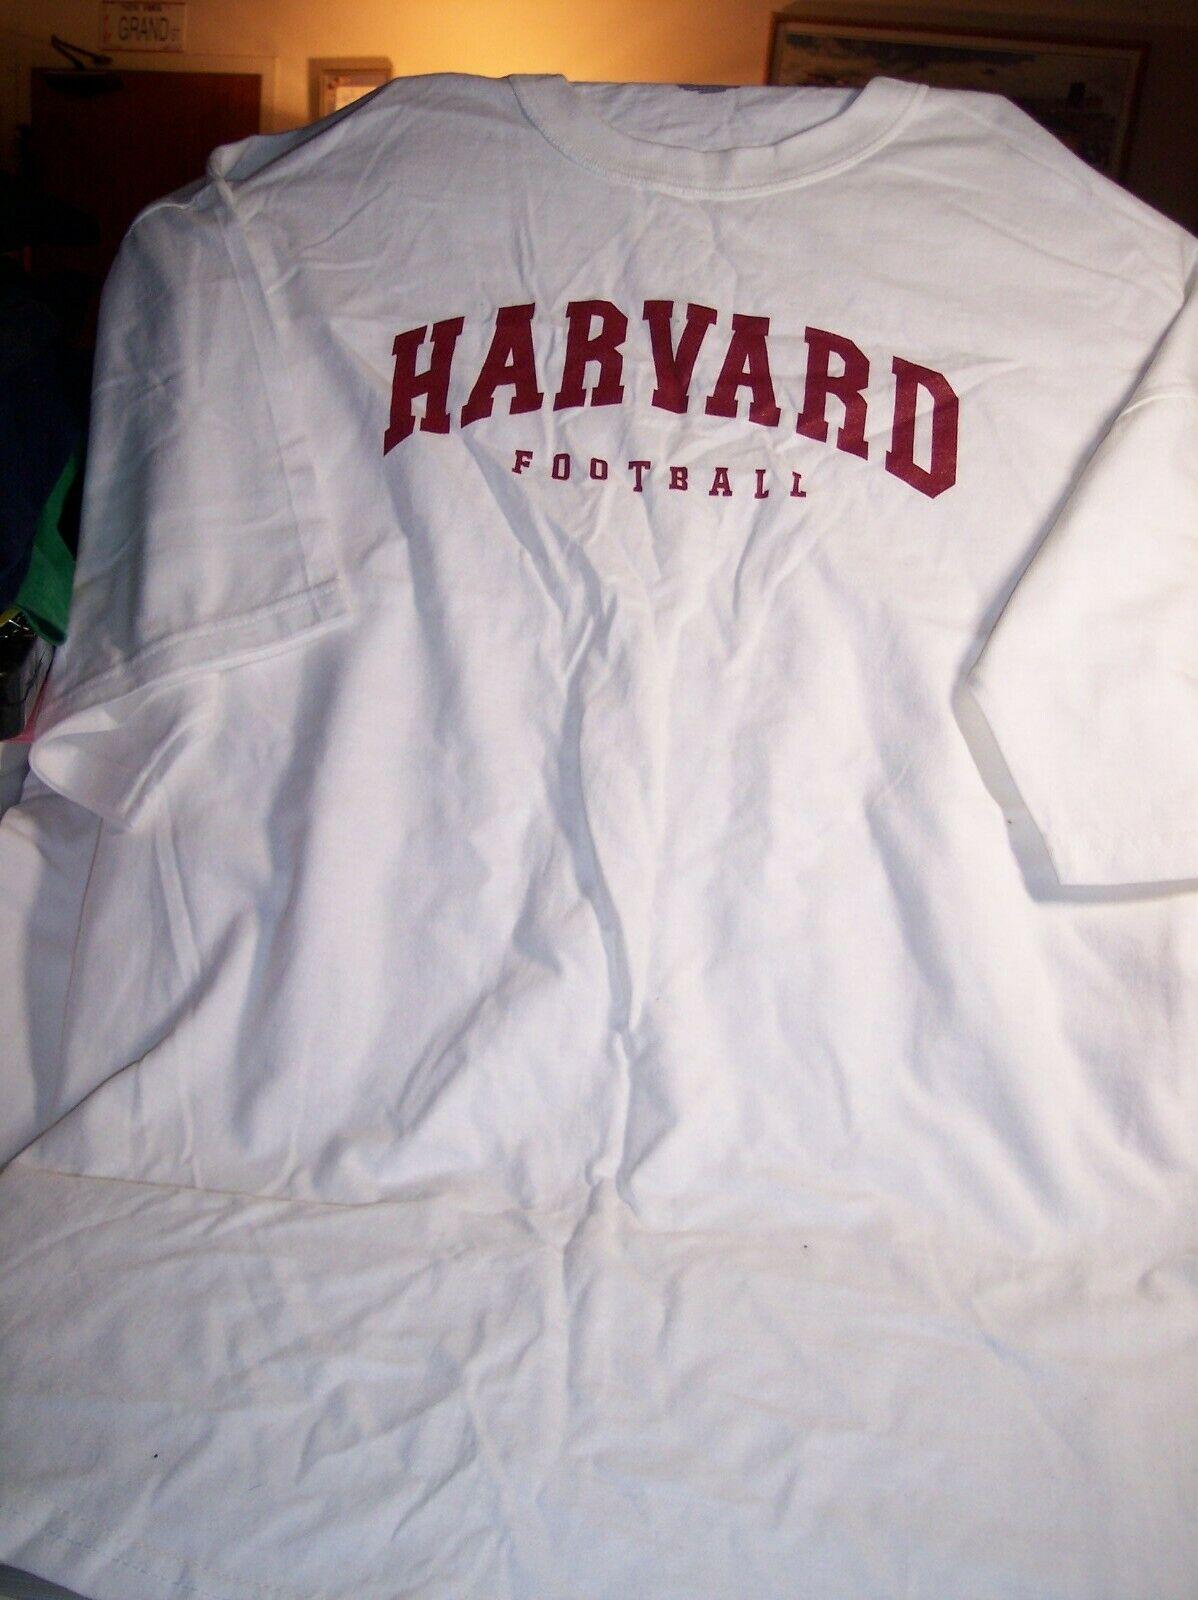 NCAA HARVARD FOOTBALL Tee Shirt Short Slv XXL 2XL